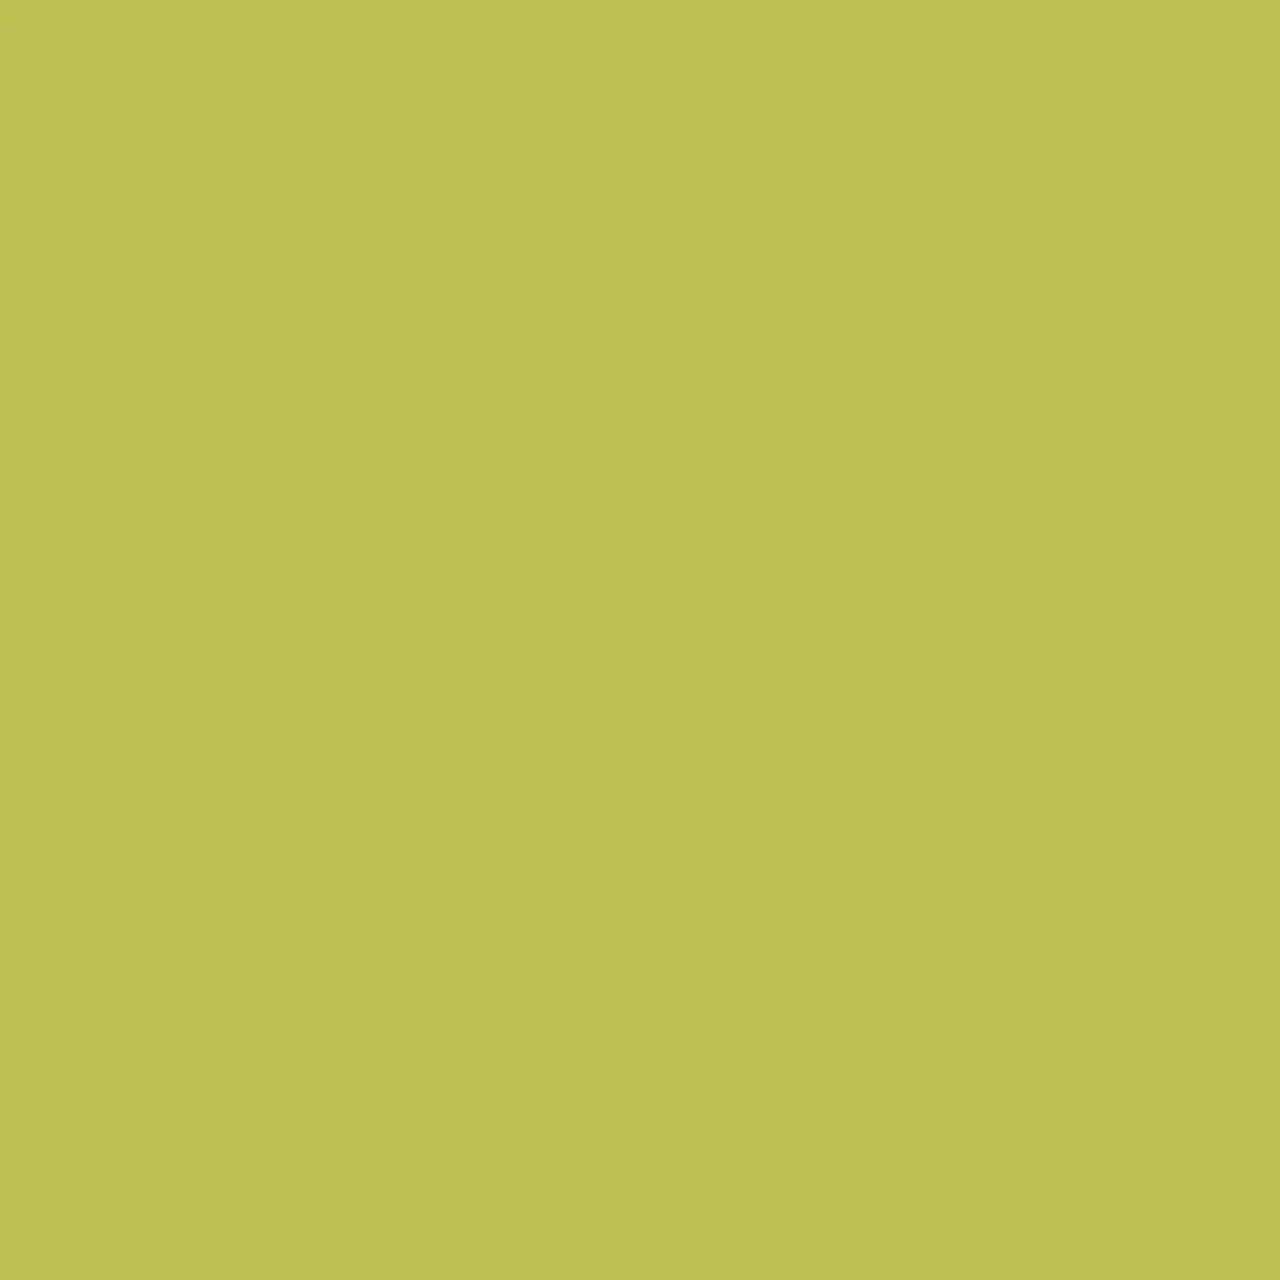 Tilda : Solid - Lime Green